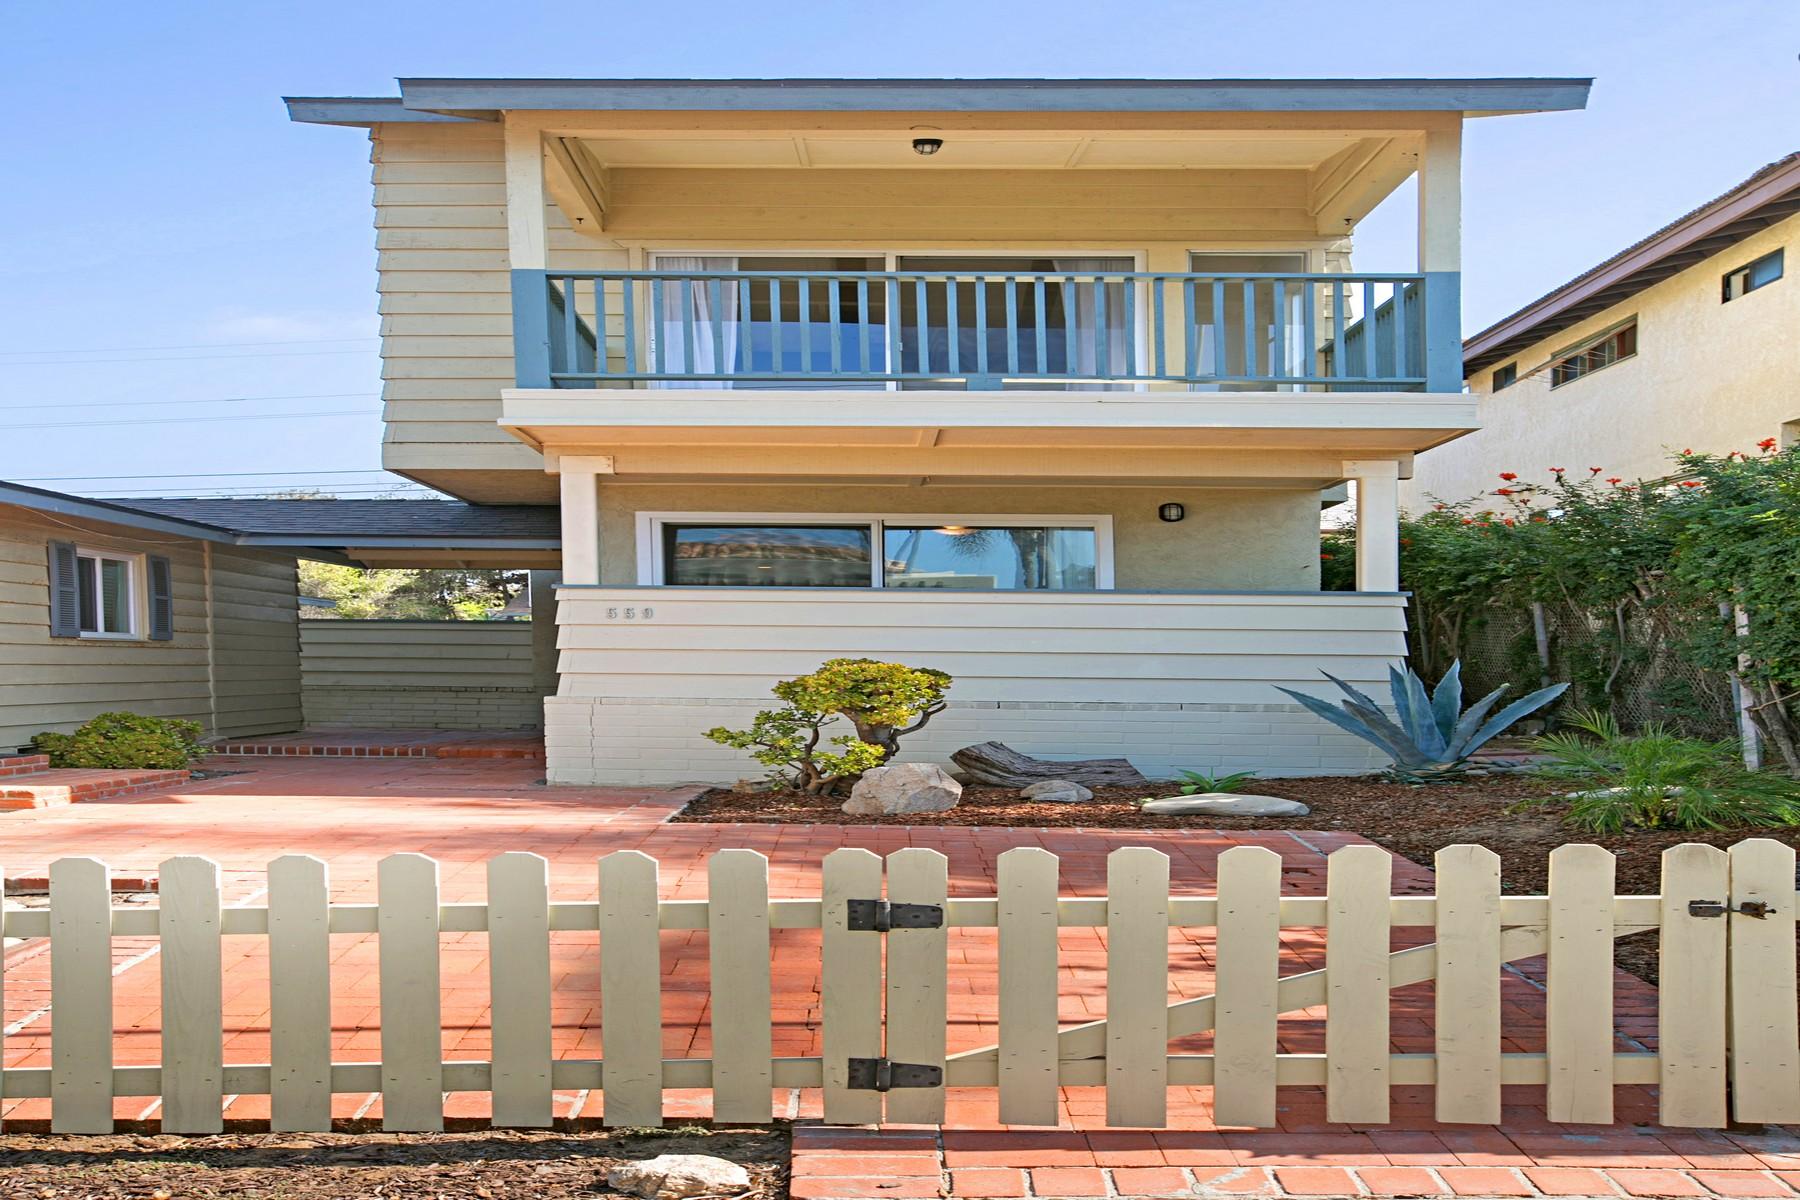 Частный односемейный дом для того Аренда на 559 4th Street Encinitas, Калифорния, 92024 Соединенные Штаты